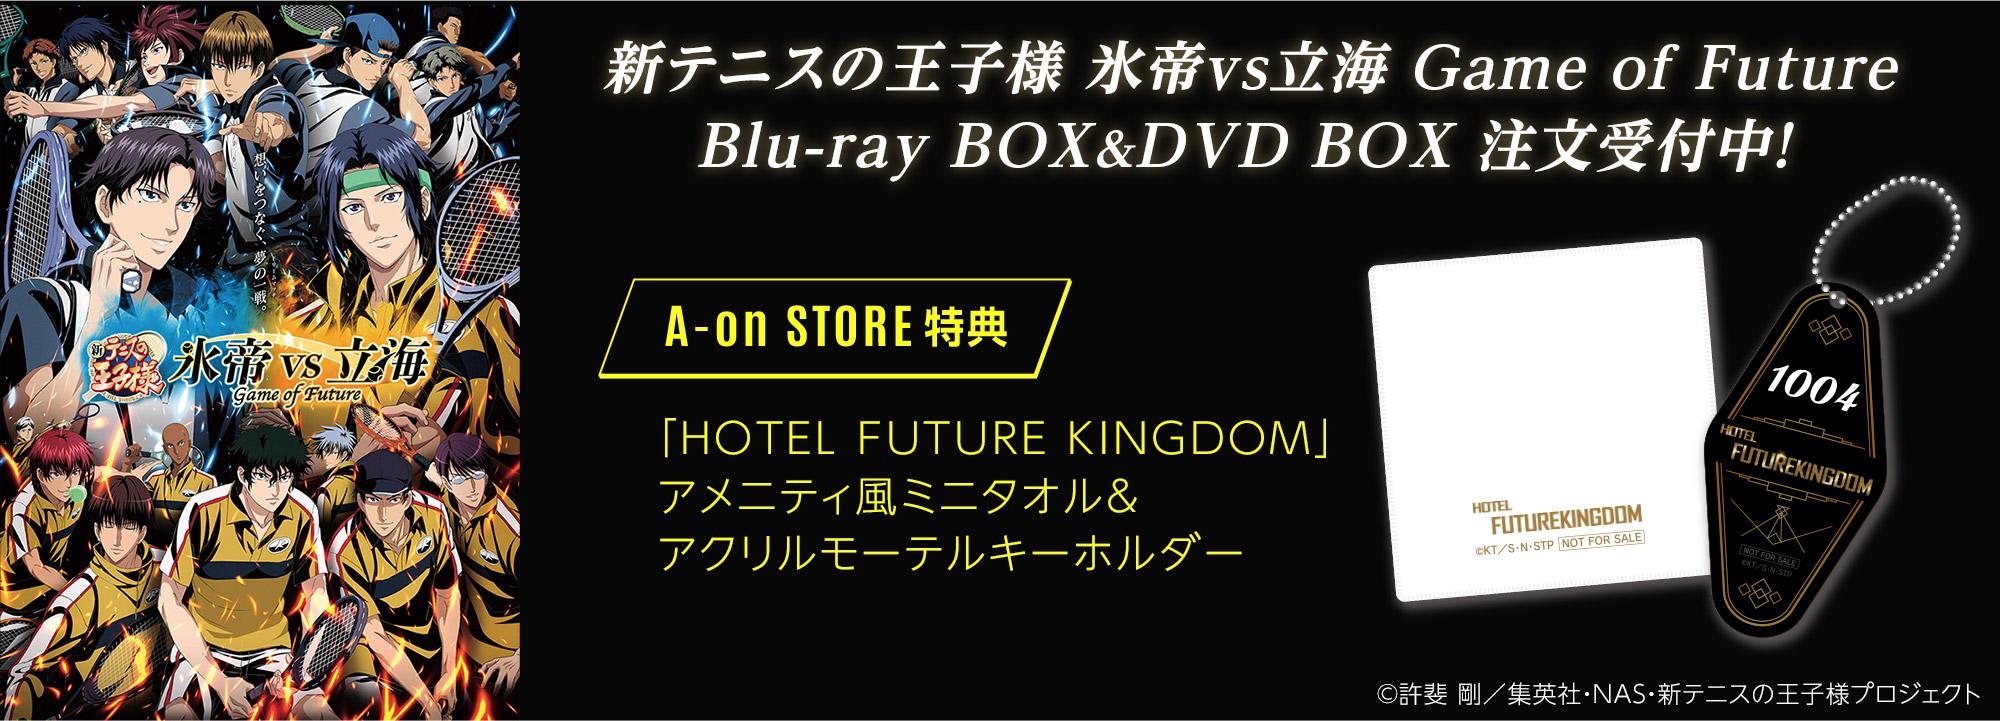 新テニスの王子様 氷帝vs立海 Game of Future Blu-ray BOX&DVD BOX 注文受付中!A-on STORE 特典「HOTEL FUTURE KINGDOM」アメニティ風ミニタオル&アクリルモーテルキーホルダー